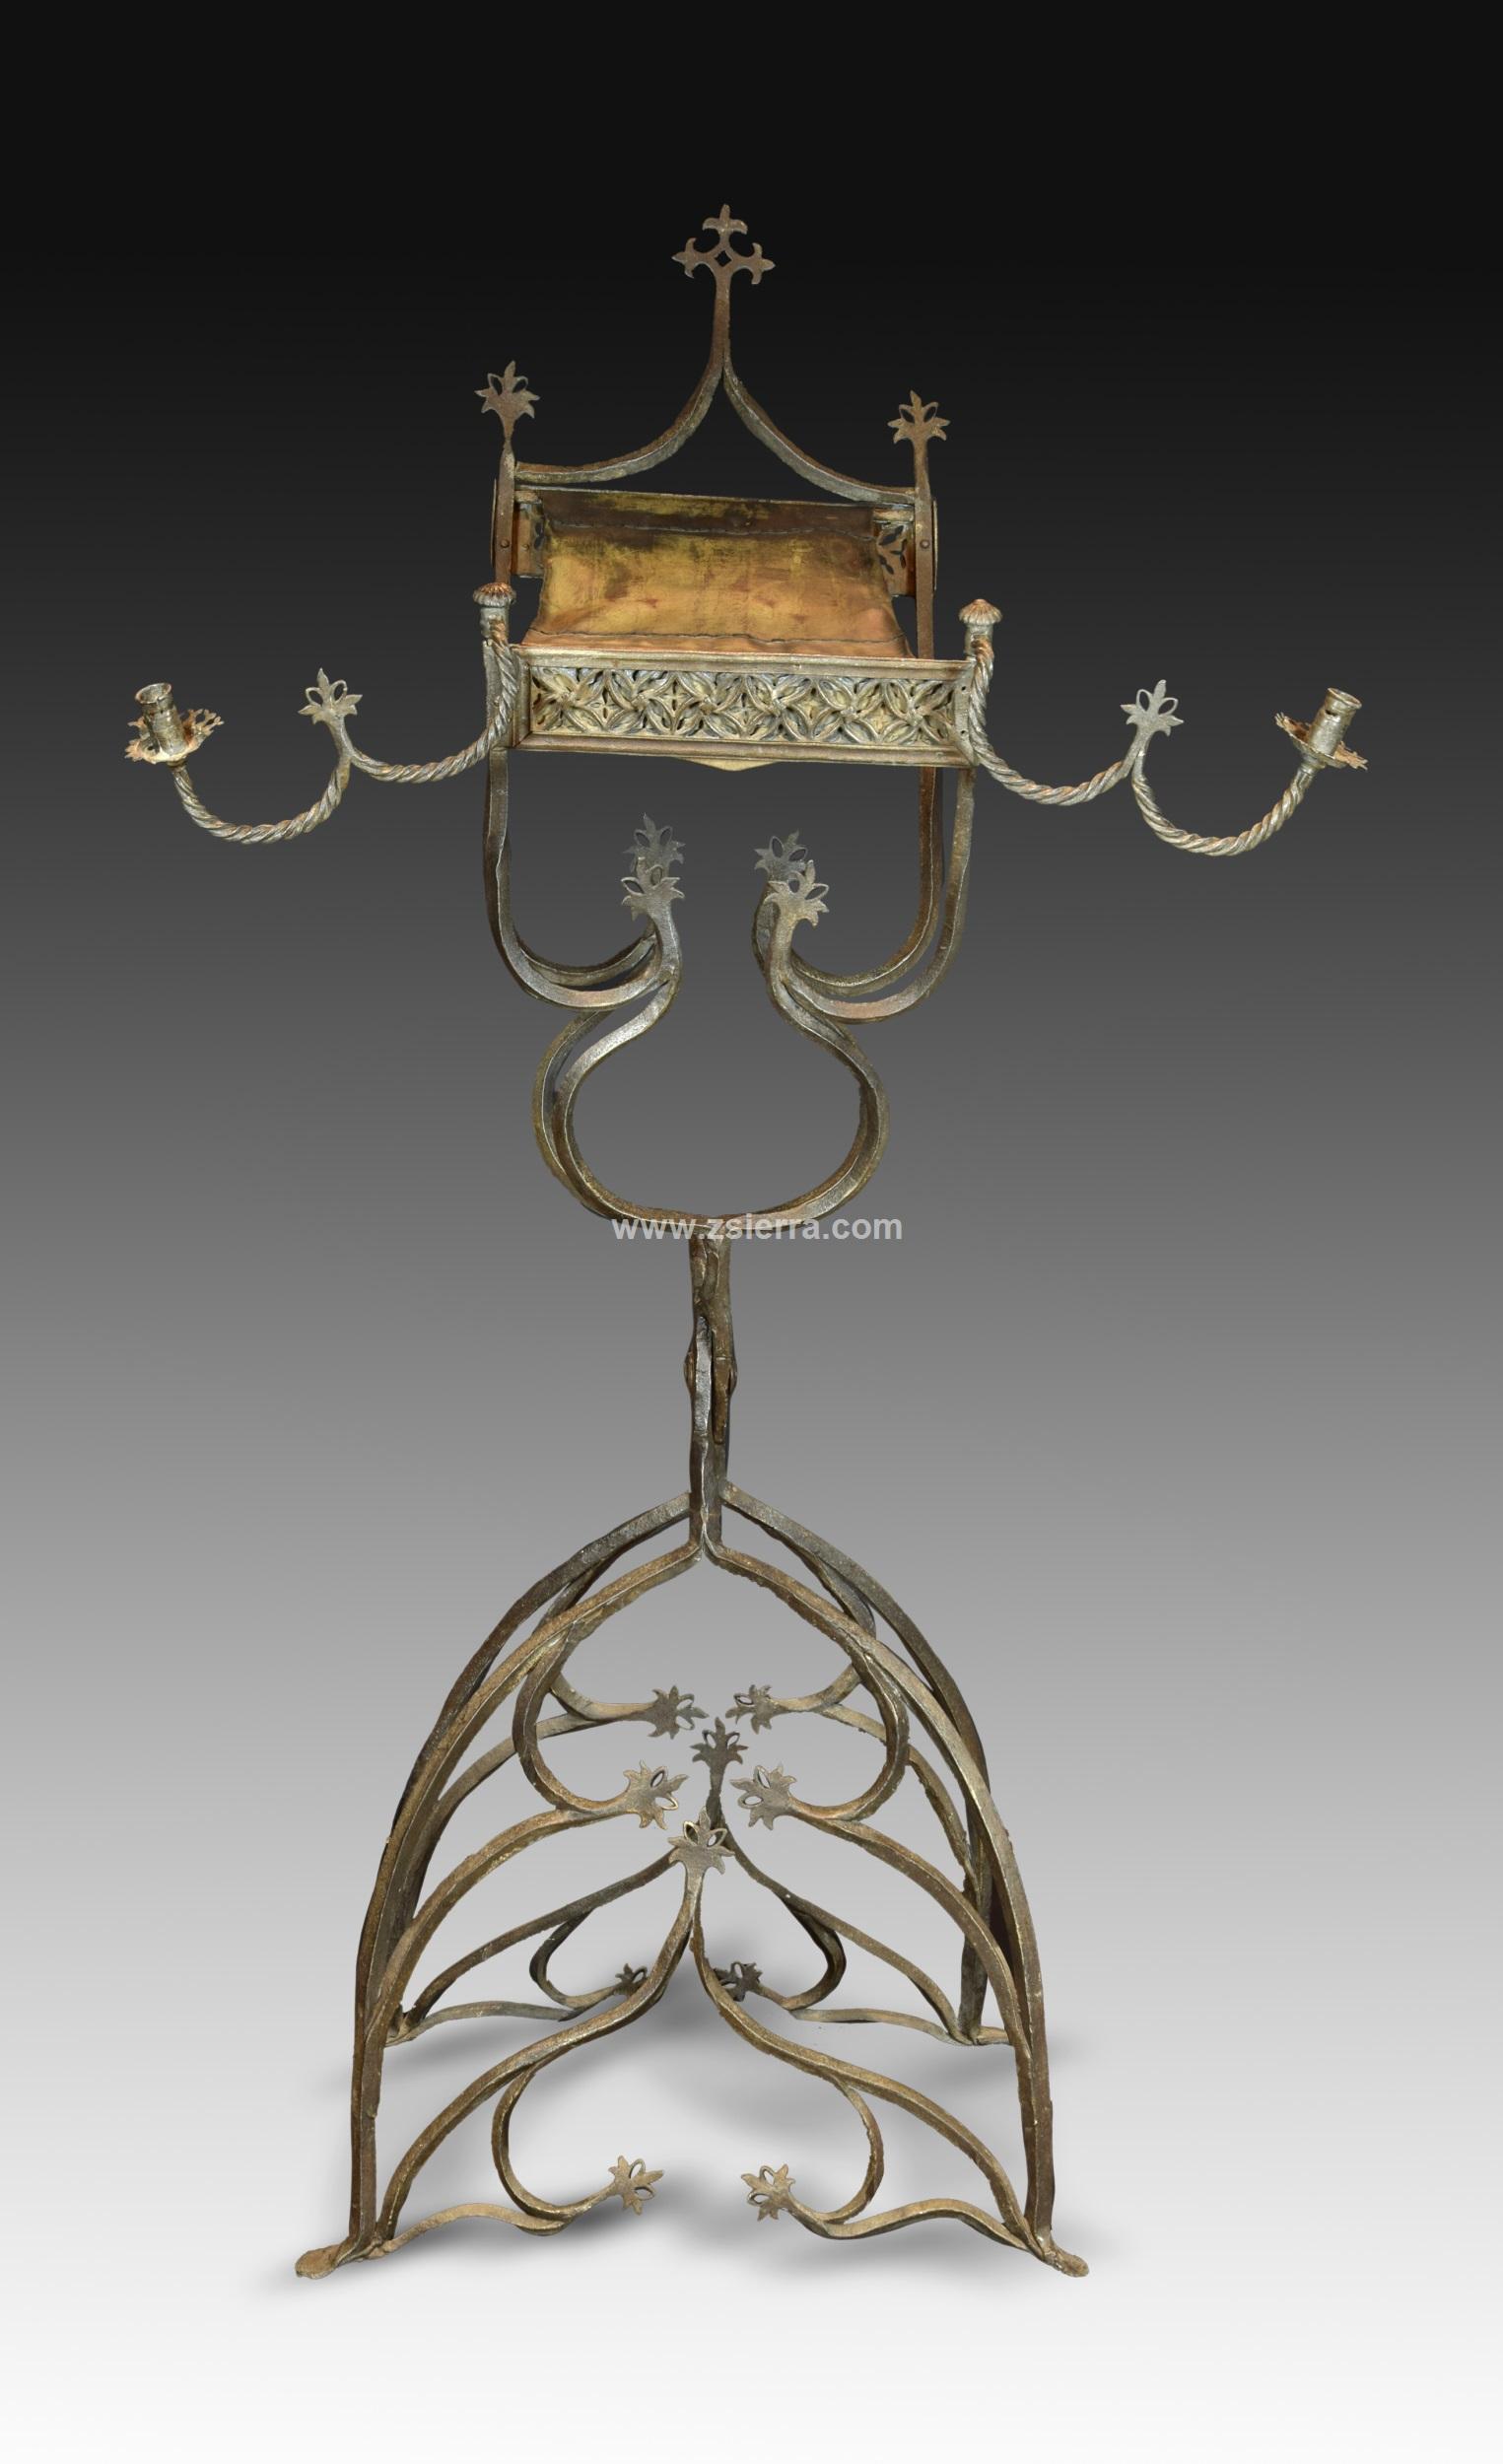 Z sierra antig edades y objetos de decoraci n atril de pie en hierro forjado s xvi varios - Atril decoracion ...